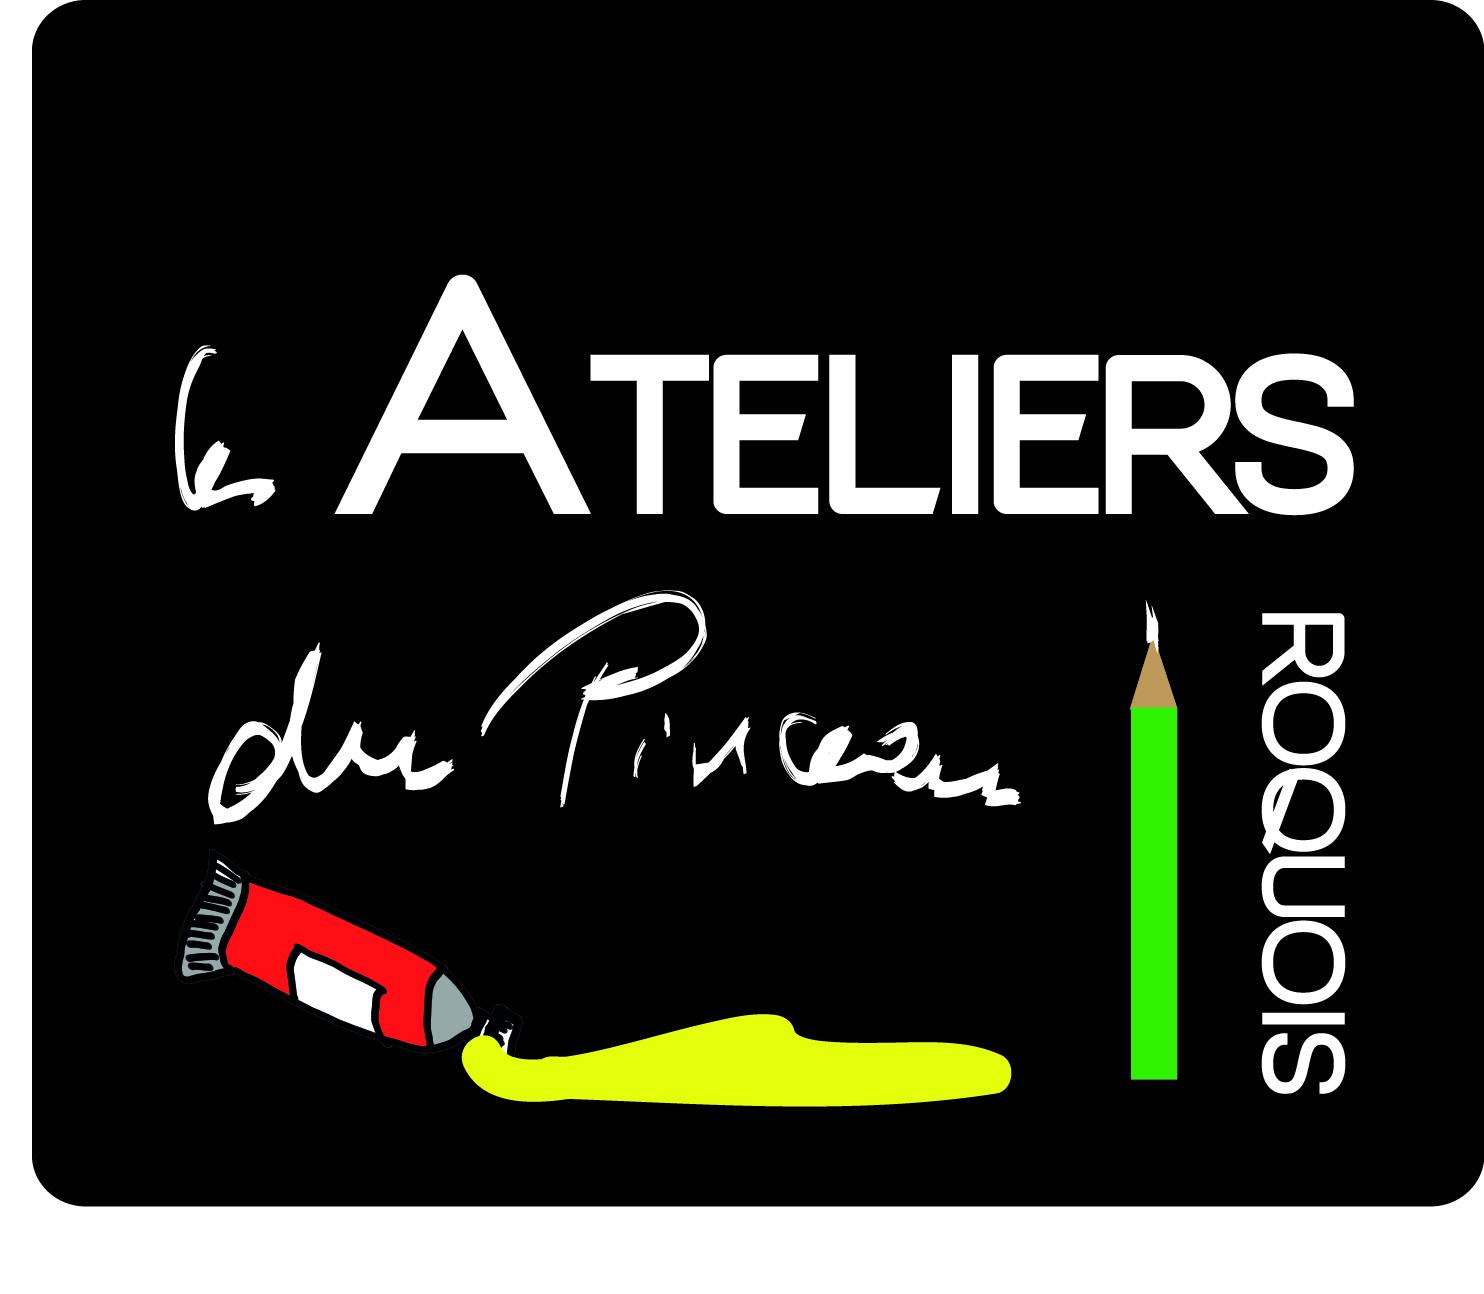 Notre nouveau logo!!